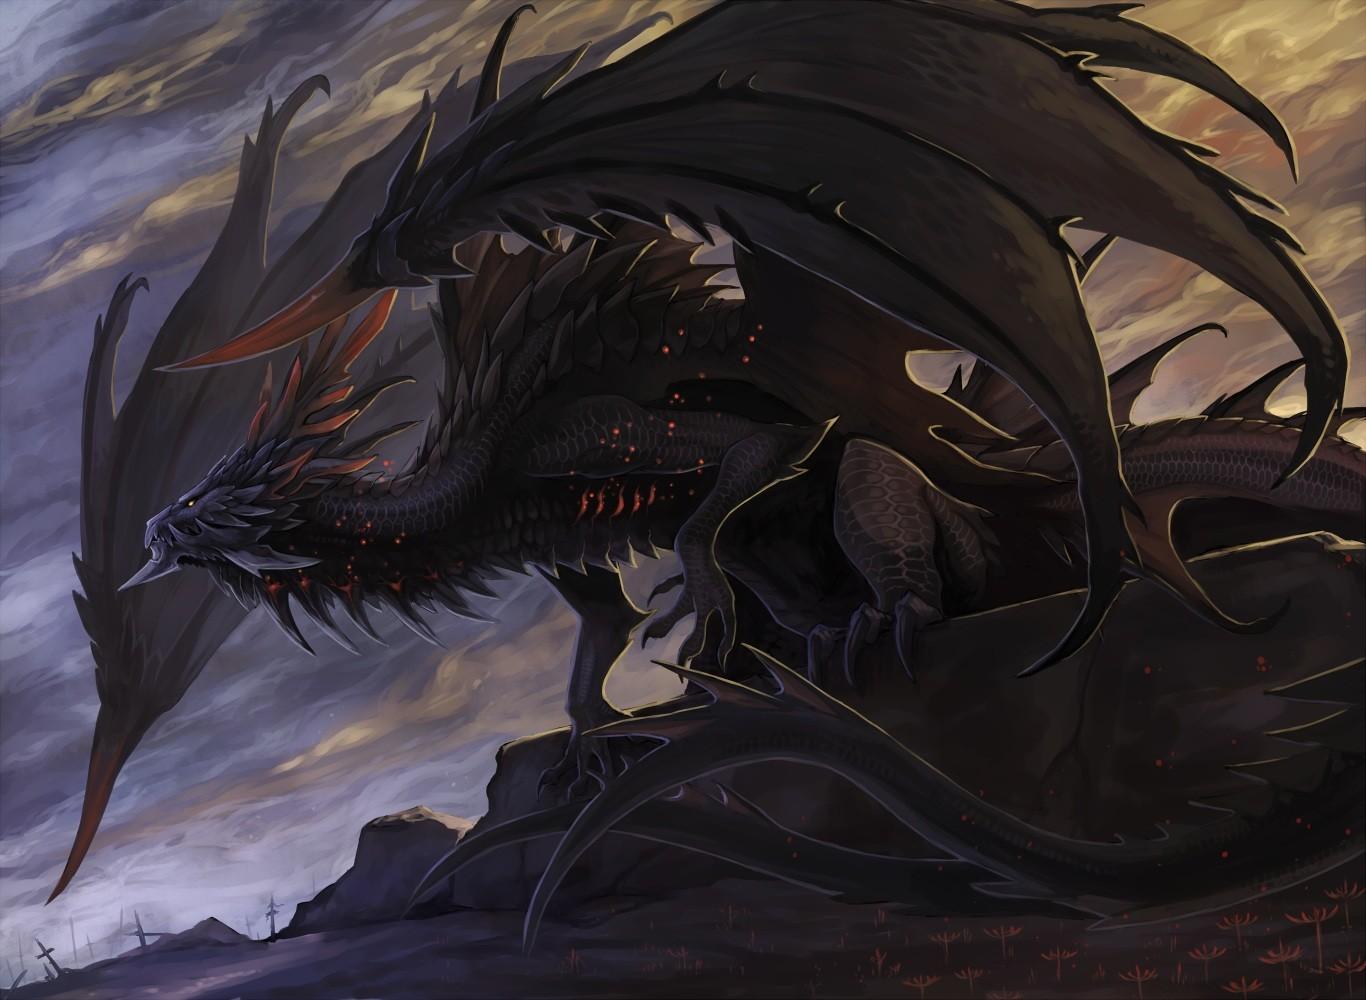 демонические драконы картинки будет управлять